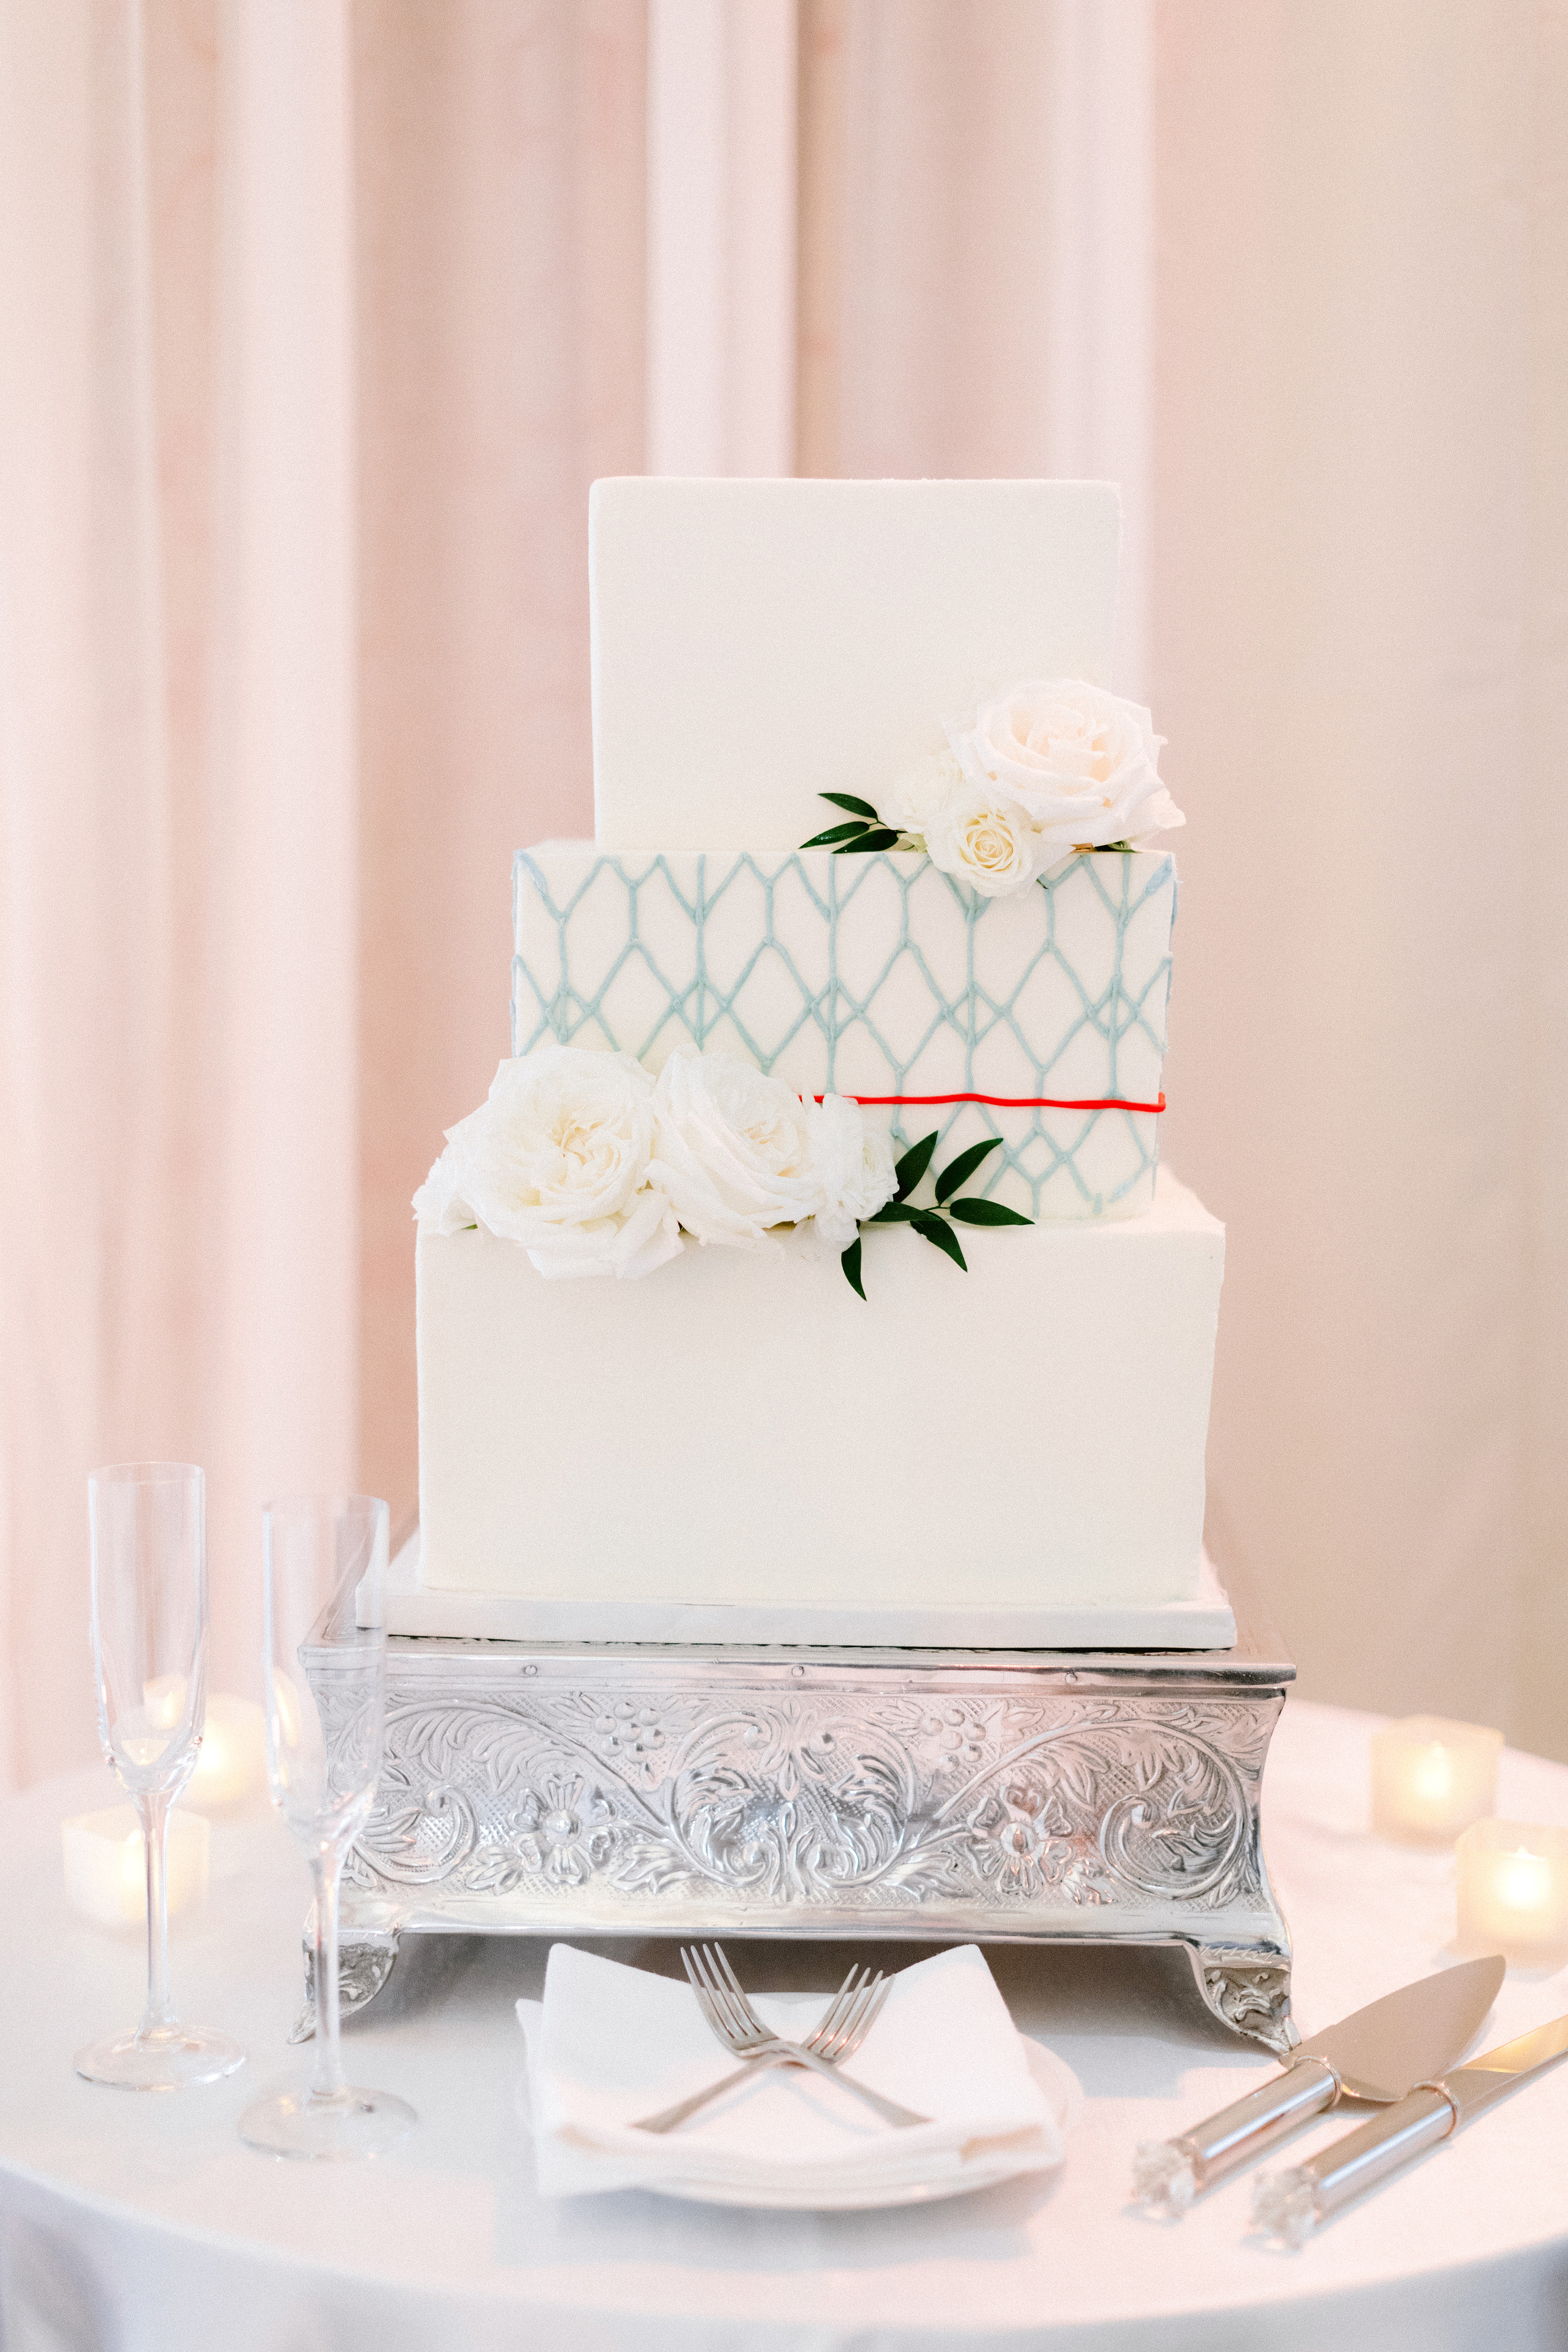 henery michael wedding tiered cake